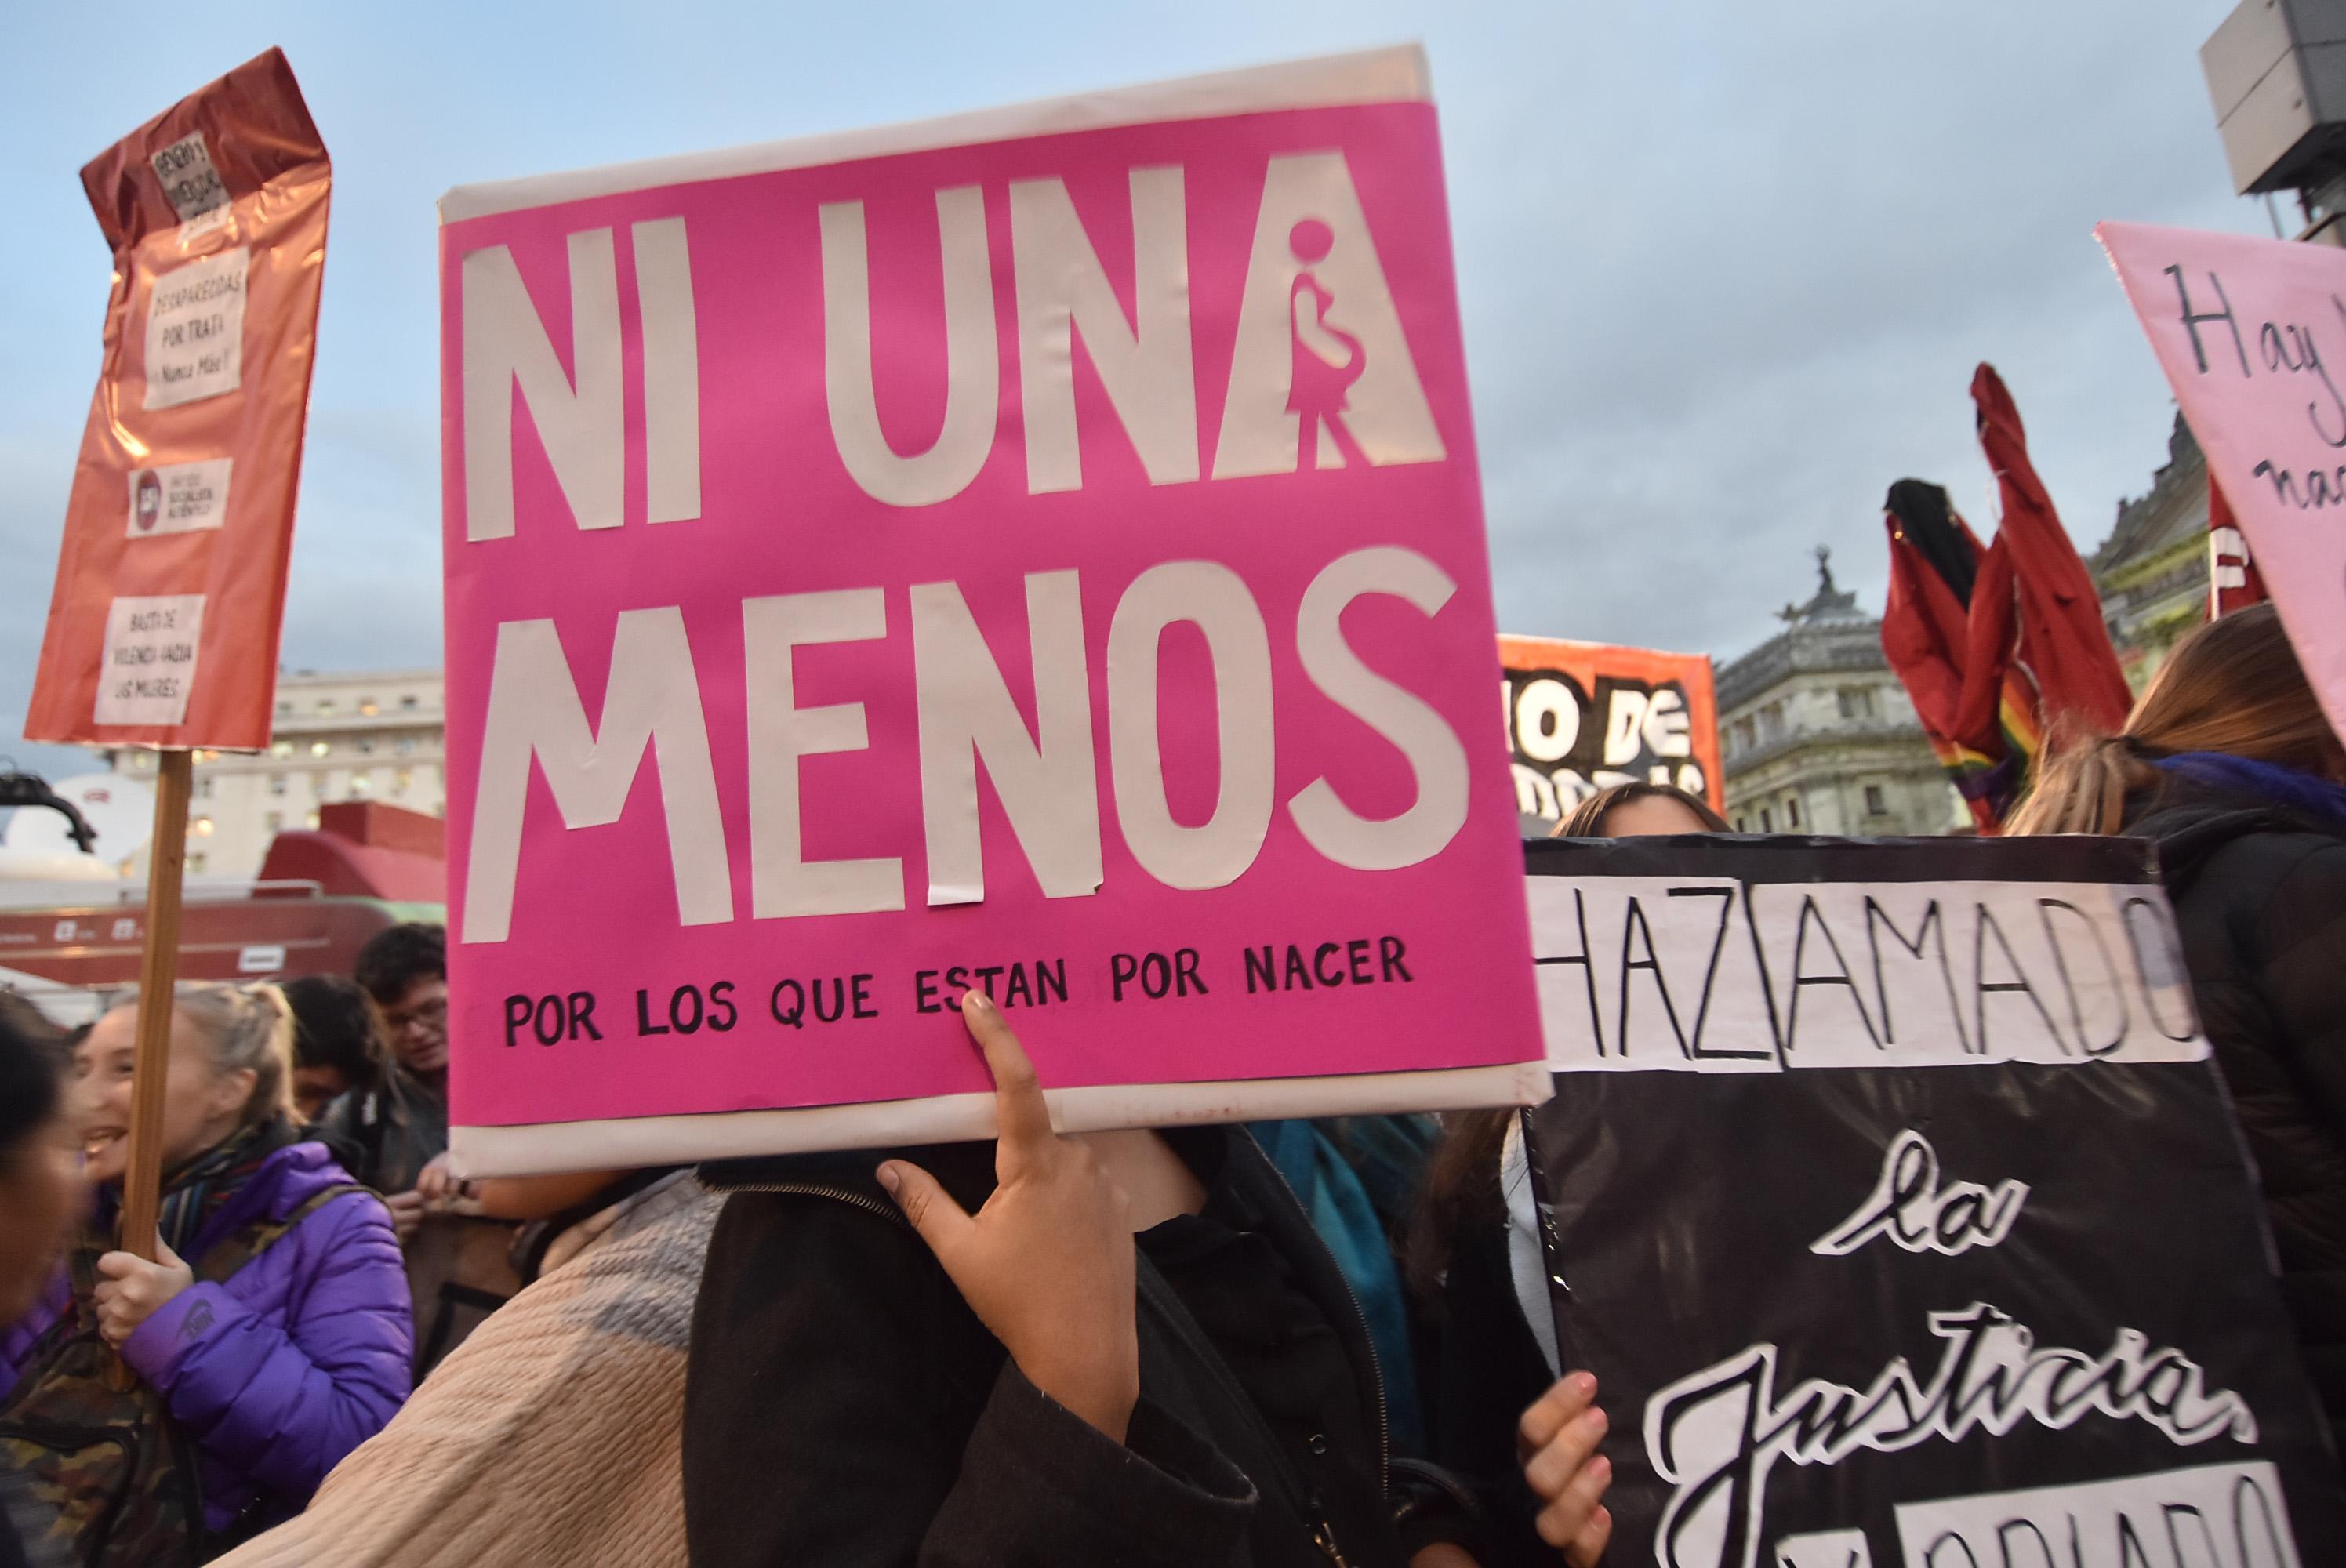 """DYN35, BUENOS AIRES, 03/06/2016, MARCHA POR """"NI UNA MENOS """" DESDE EL CONGRESO A PLAZA DE MAYO. FOTO:DYN/TONY GOMEZ."""